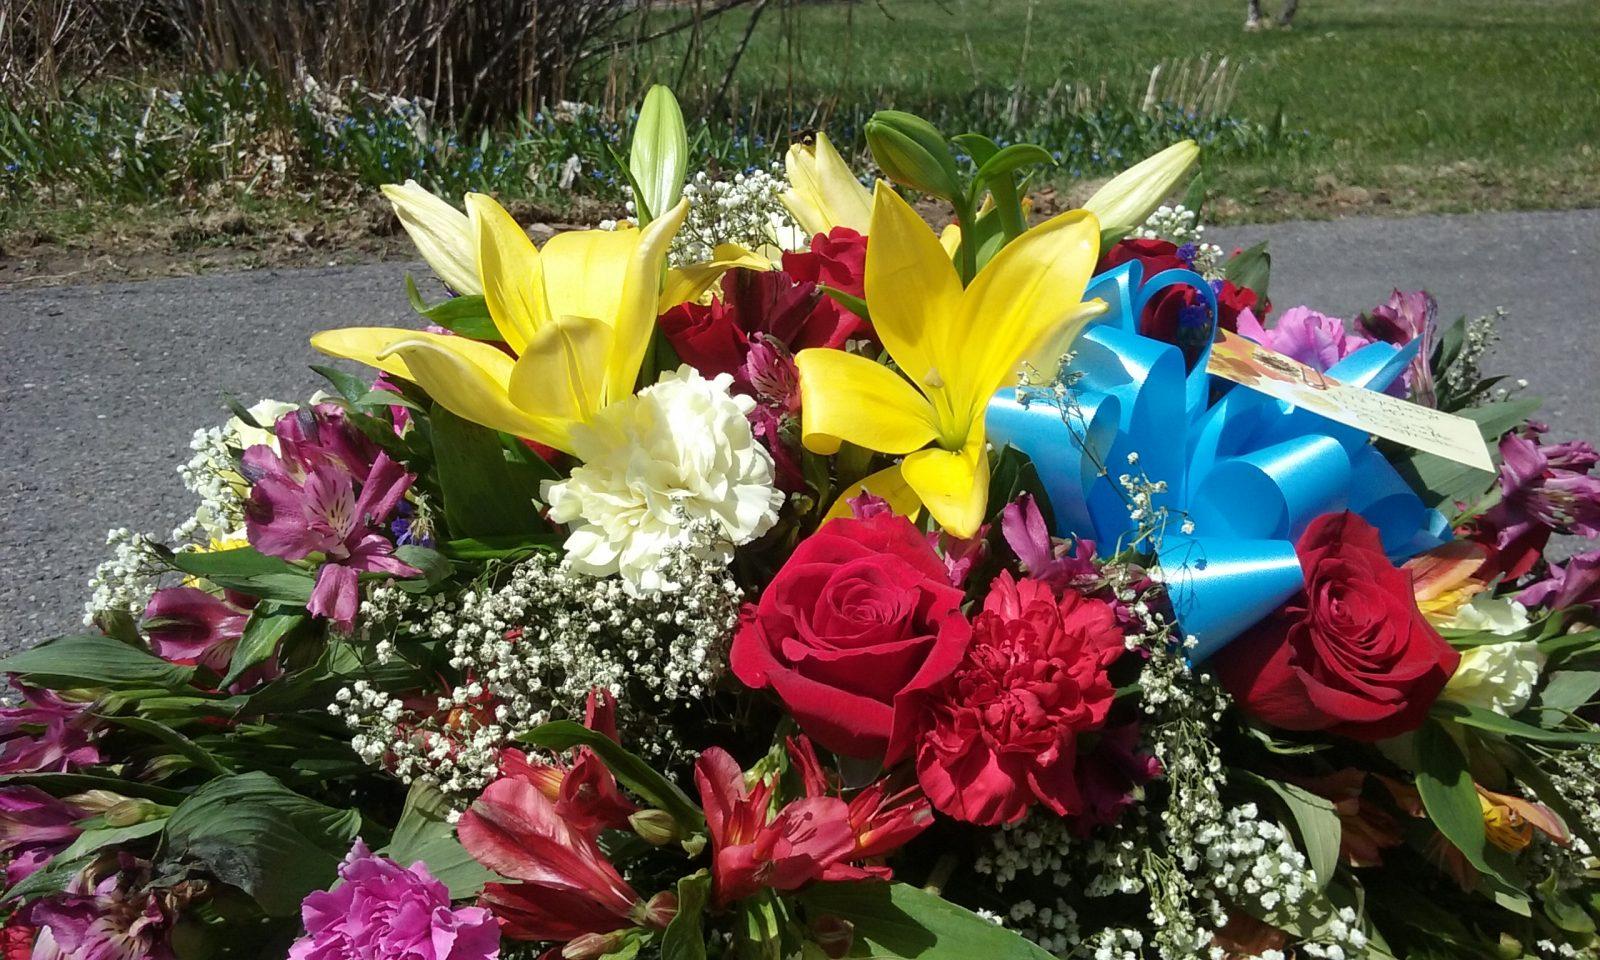 rose-petal-florist-signature-casket-spray